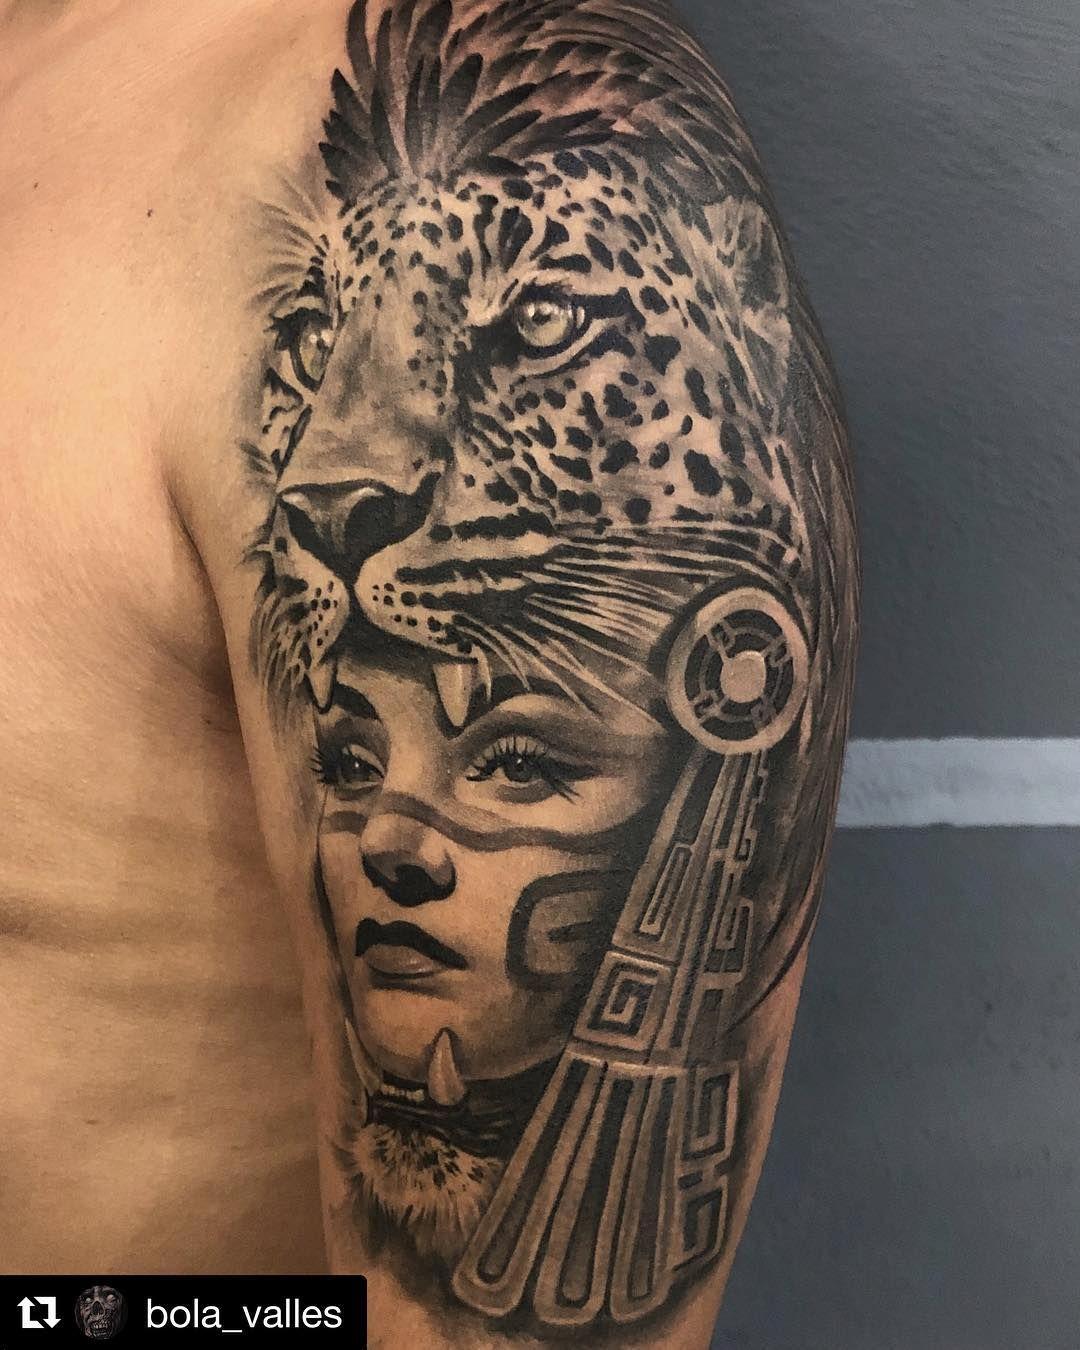 Mulpix Repost Bola Valles Aztec Jaguar Tattoo Healed Fresh Prehispani Aztec Tattoos Sleeve Aztec Warrior Tattoo Aztec Tattoo Designs